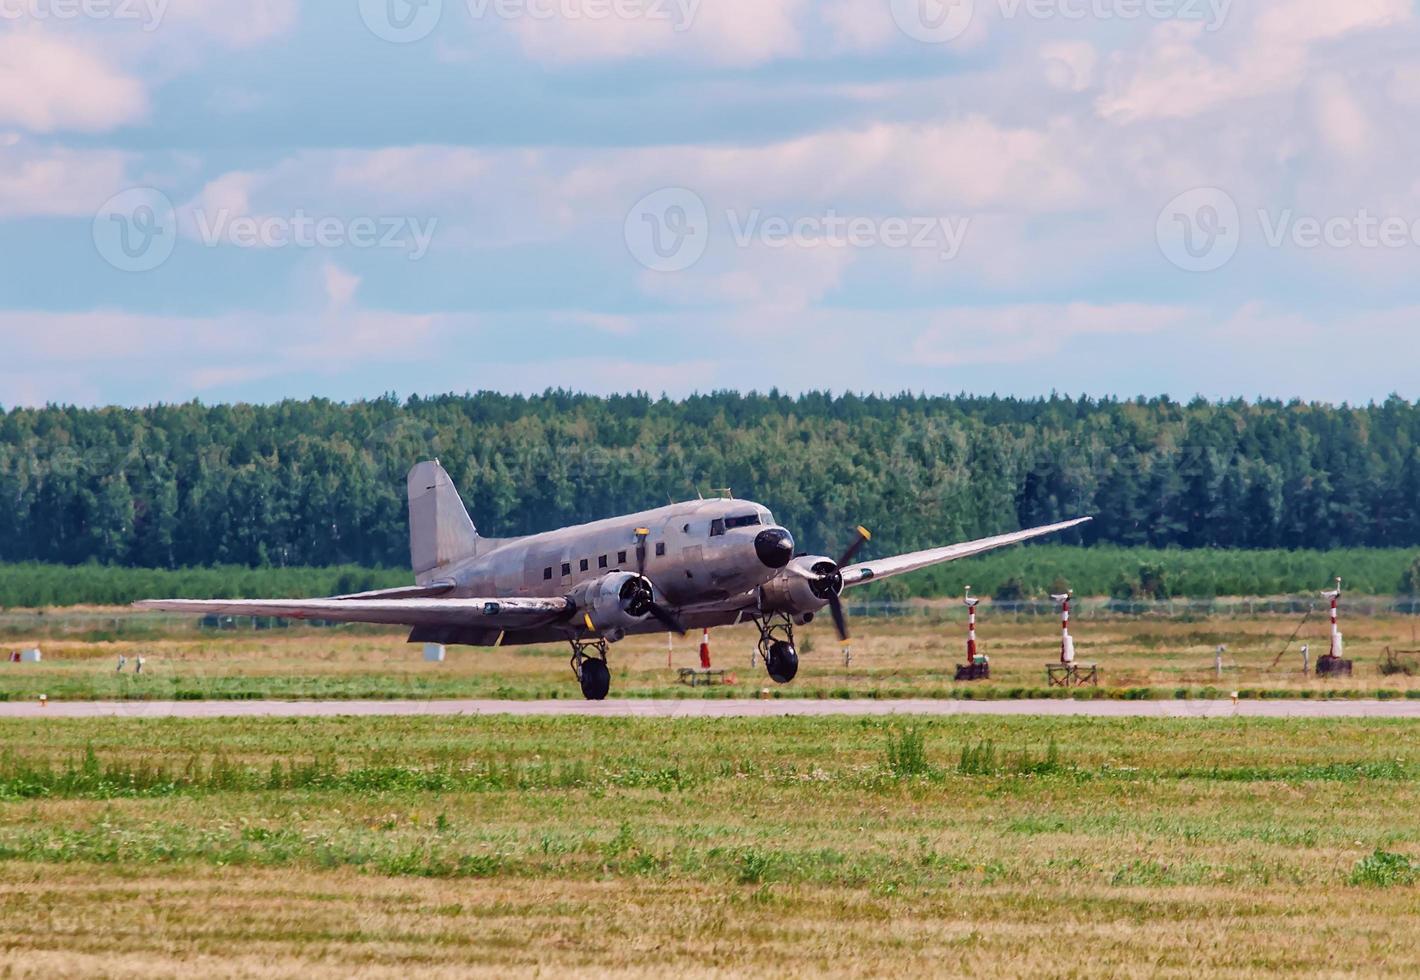 douglas c 47 vervoer oud vliegtuig aan boord van de landingsbaan foto